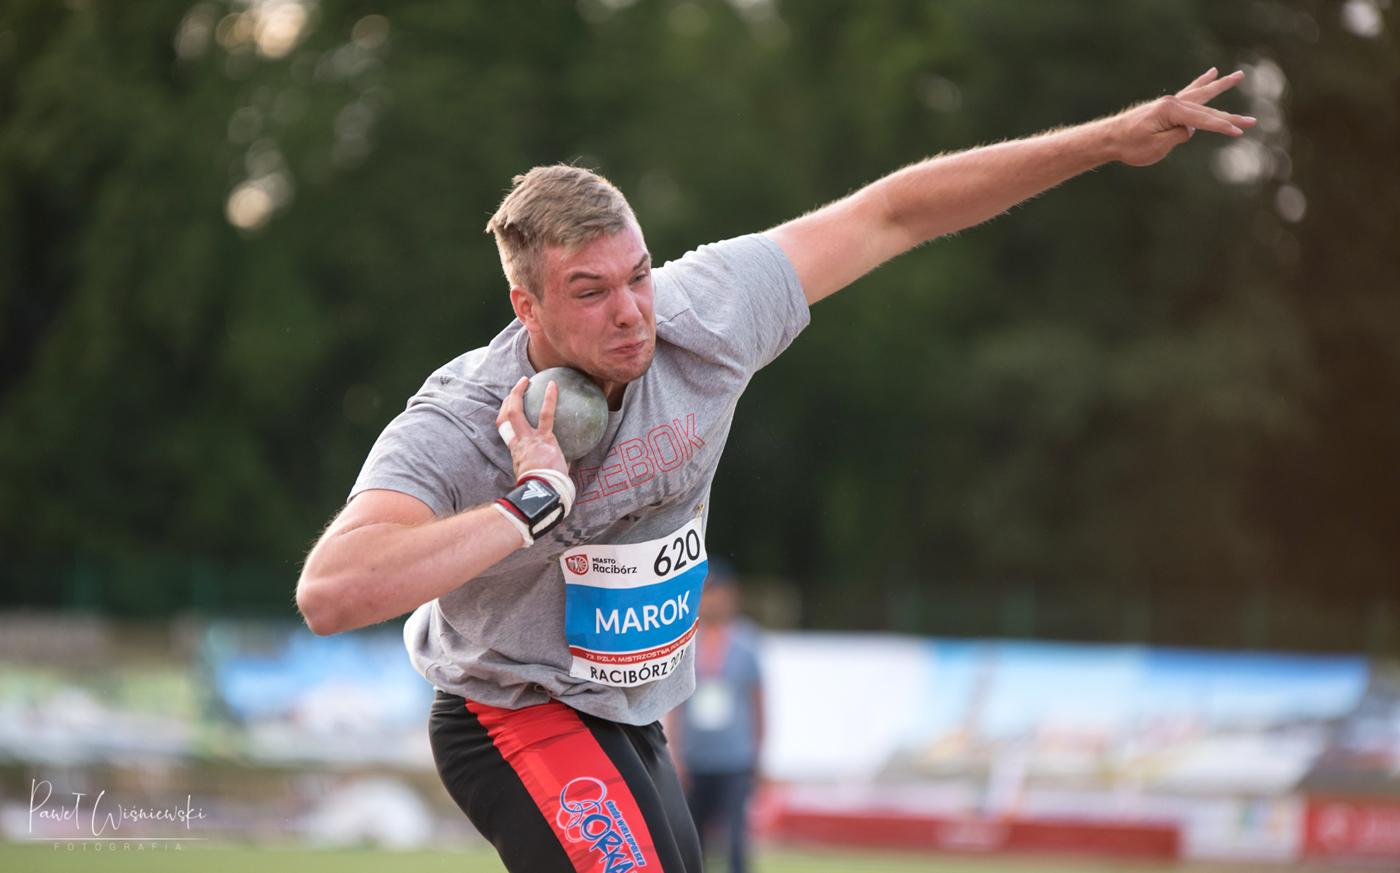 Mistrzostwa Polski wLekkiejAtletyceU20 — 39medali dlazawodników zklubów ZrzeszeniaLZS